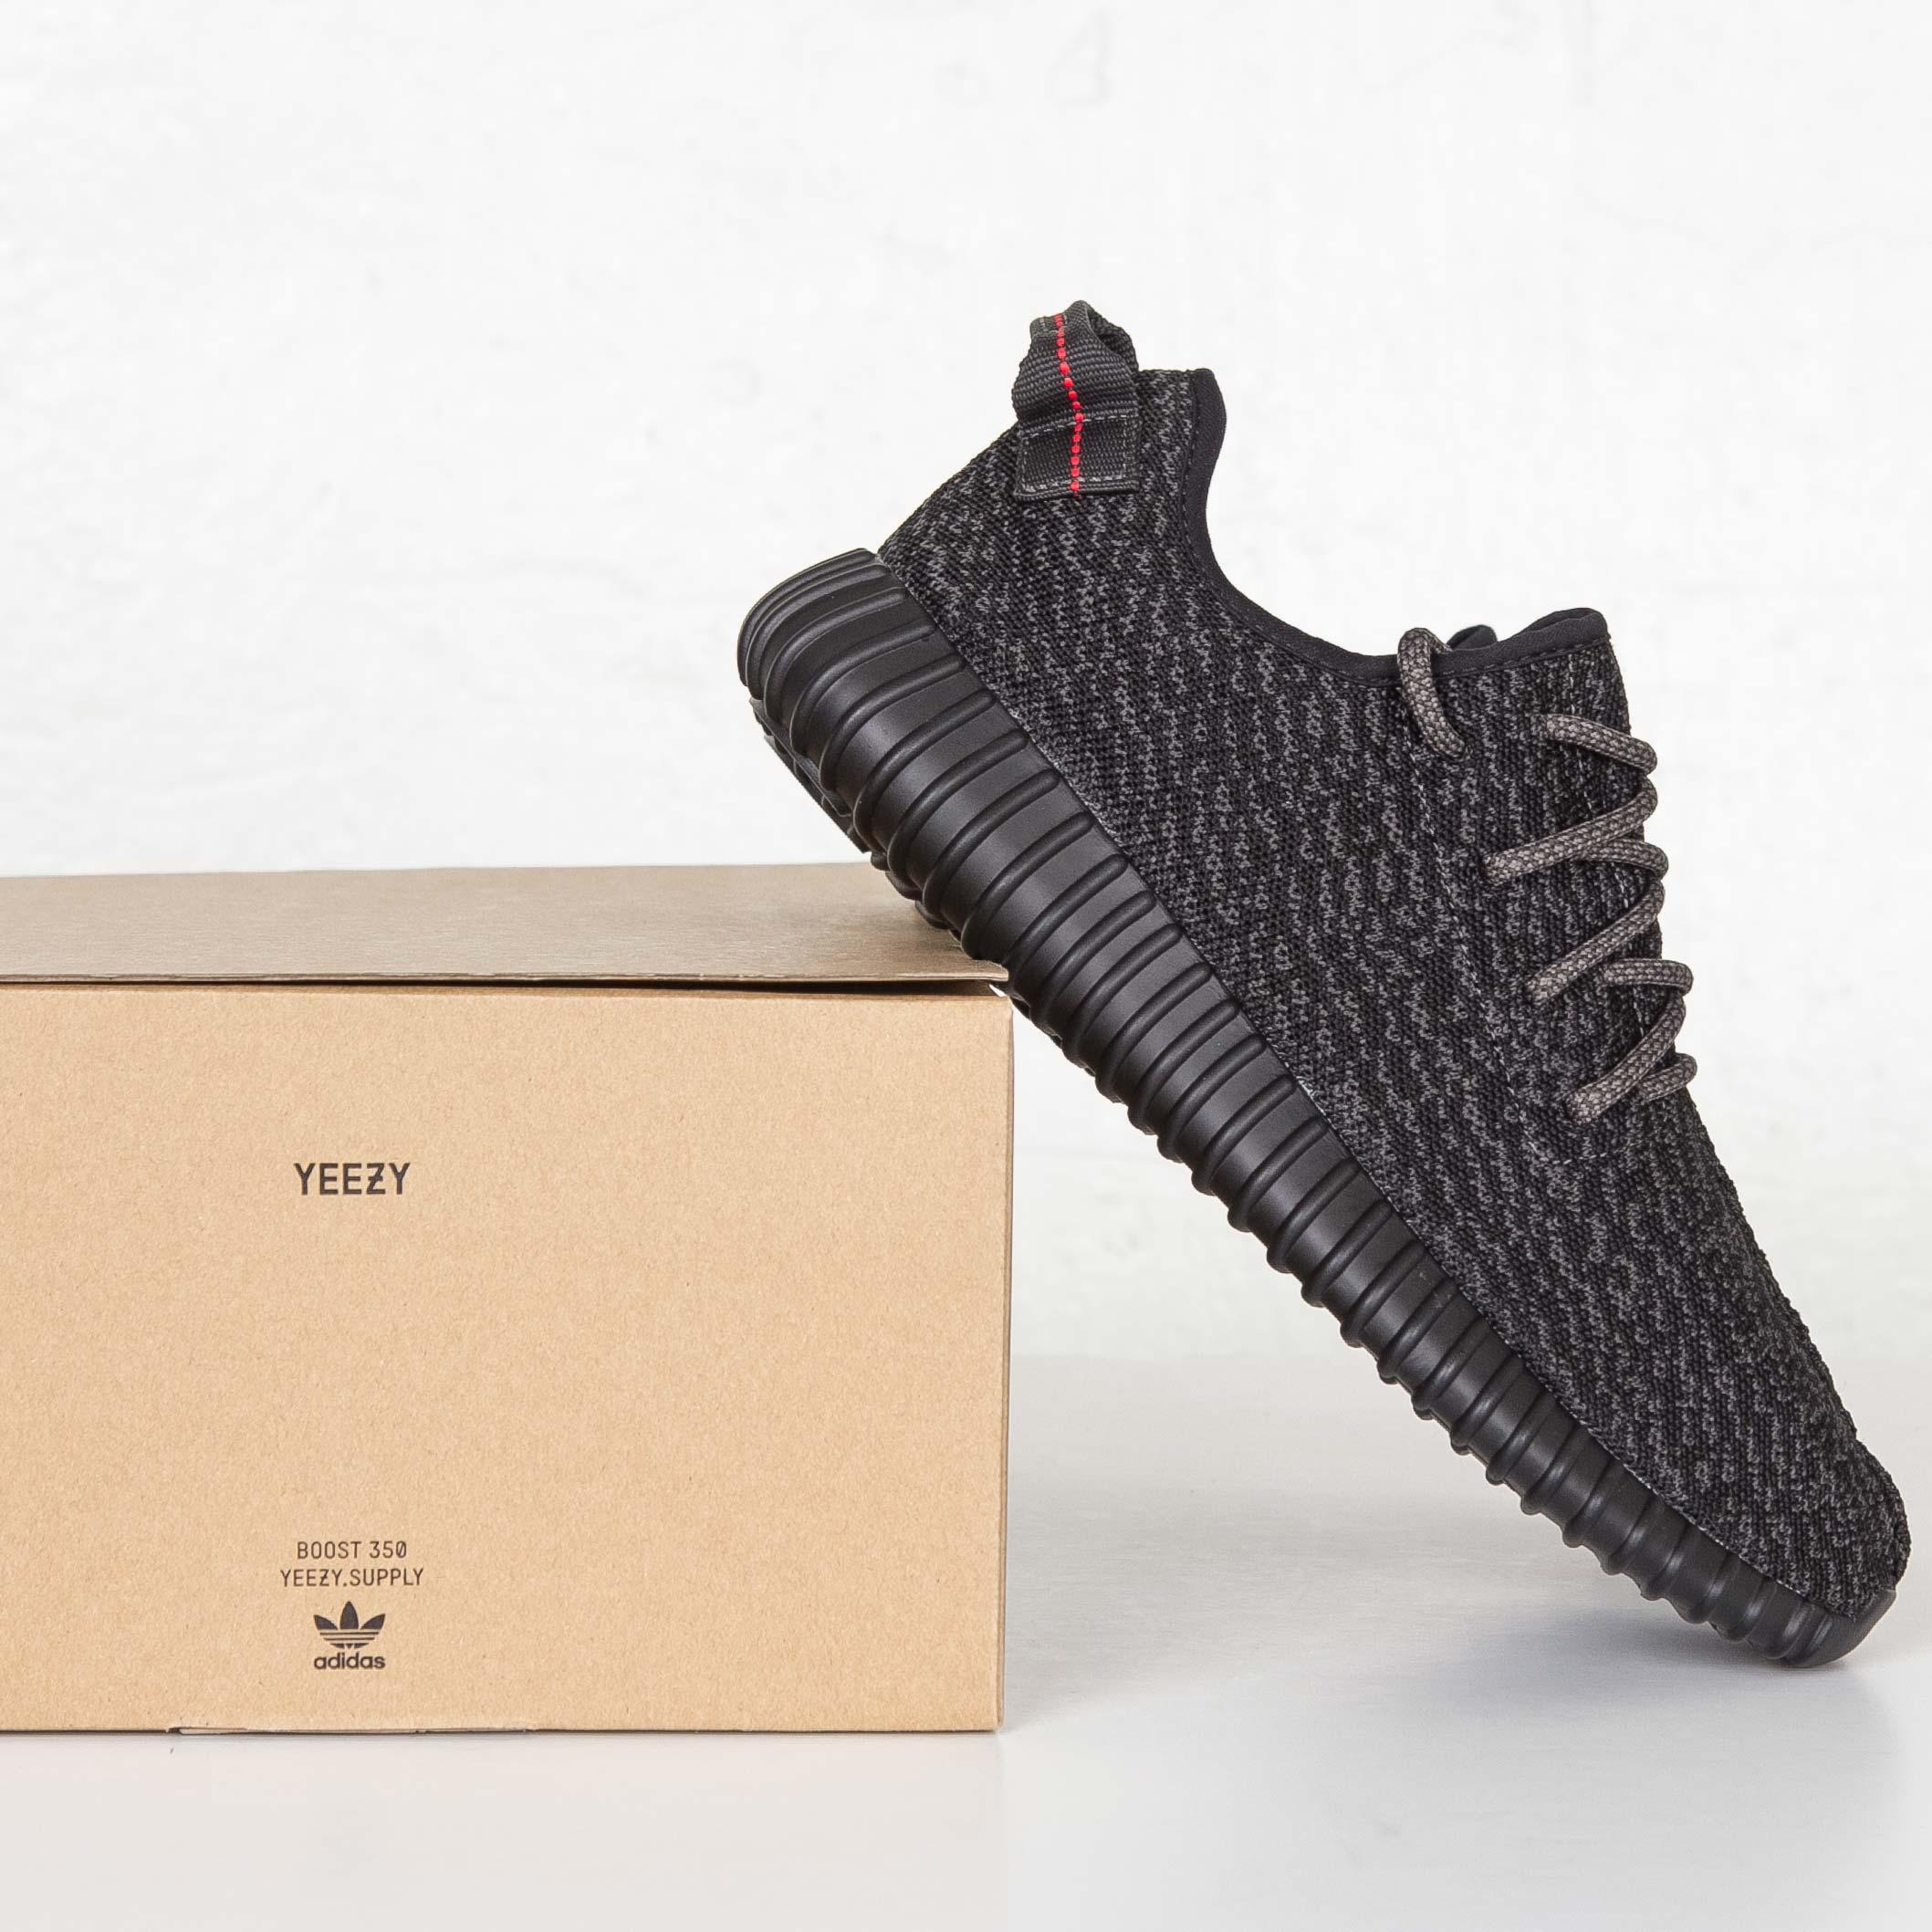 094e8aa9 adidas Yeezy Boost 350 - Bb5350 - Sneakersnstuff | sneakers & streetwear  online since 1999